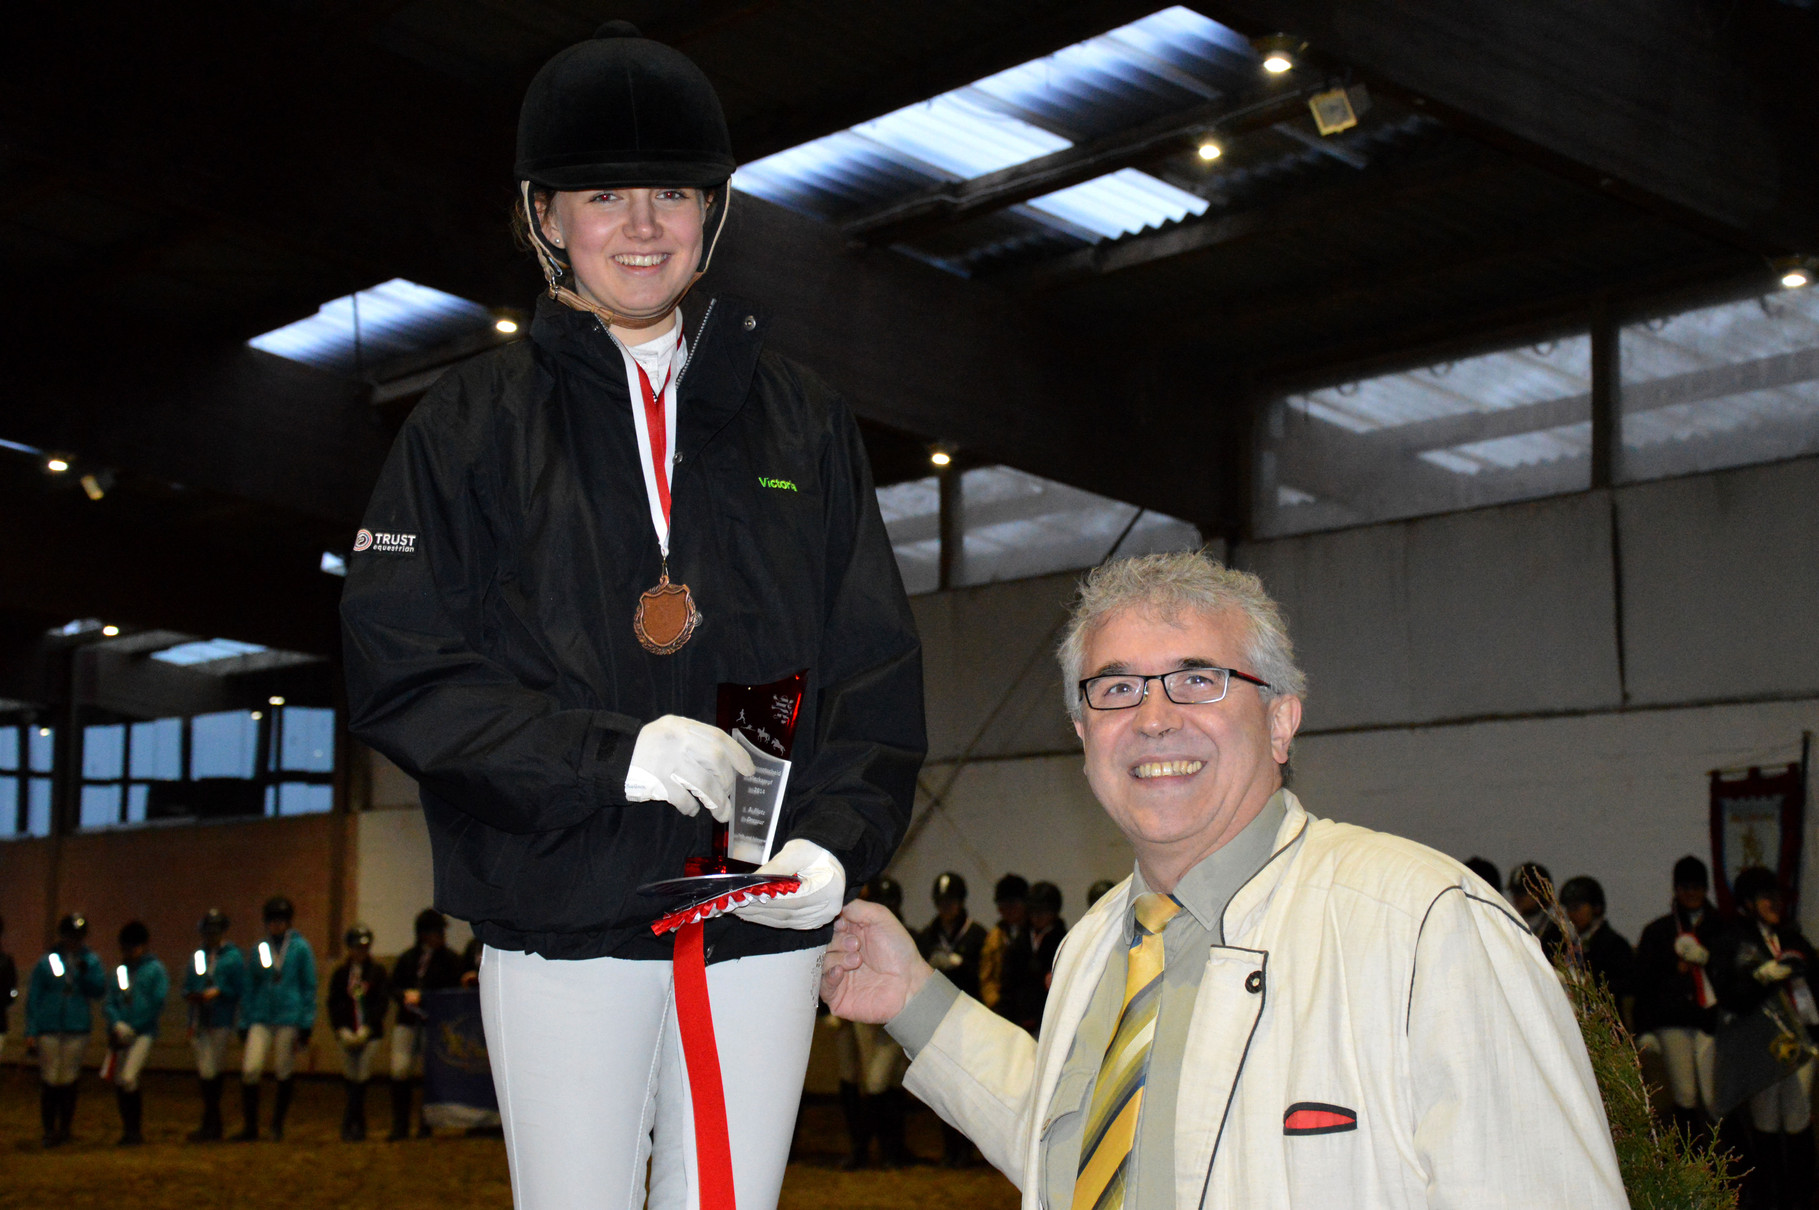 Viktoria wird als beste Dressurreiterinn des Hessischen Vierkampfs geehrt